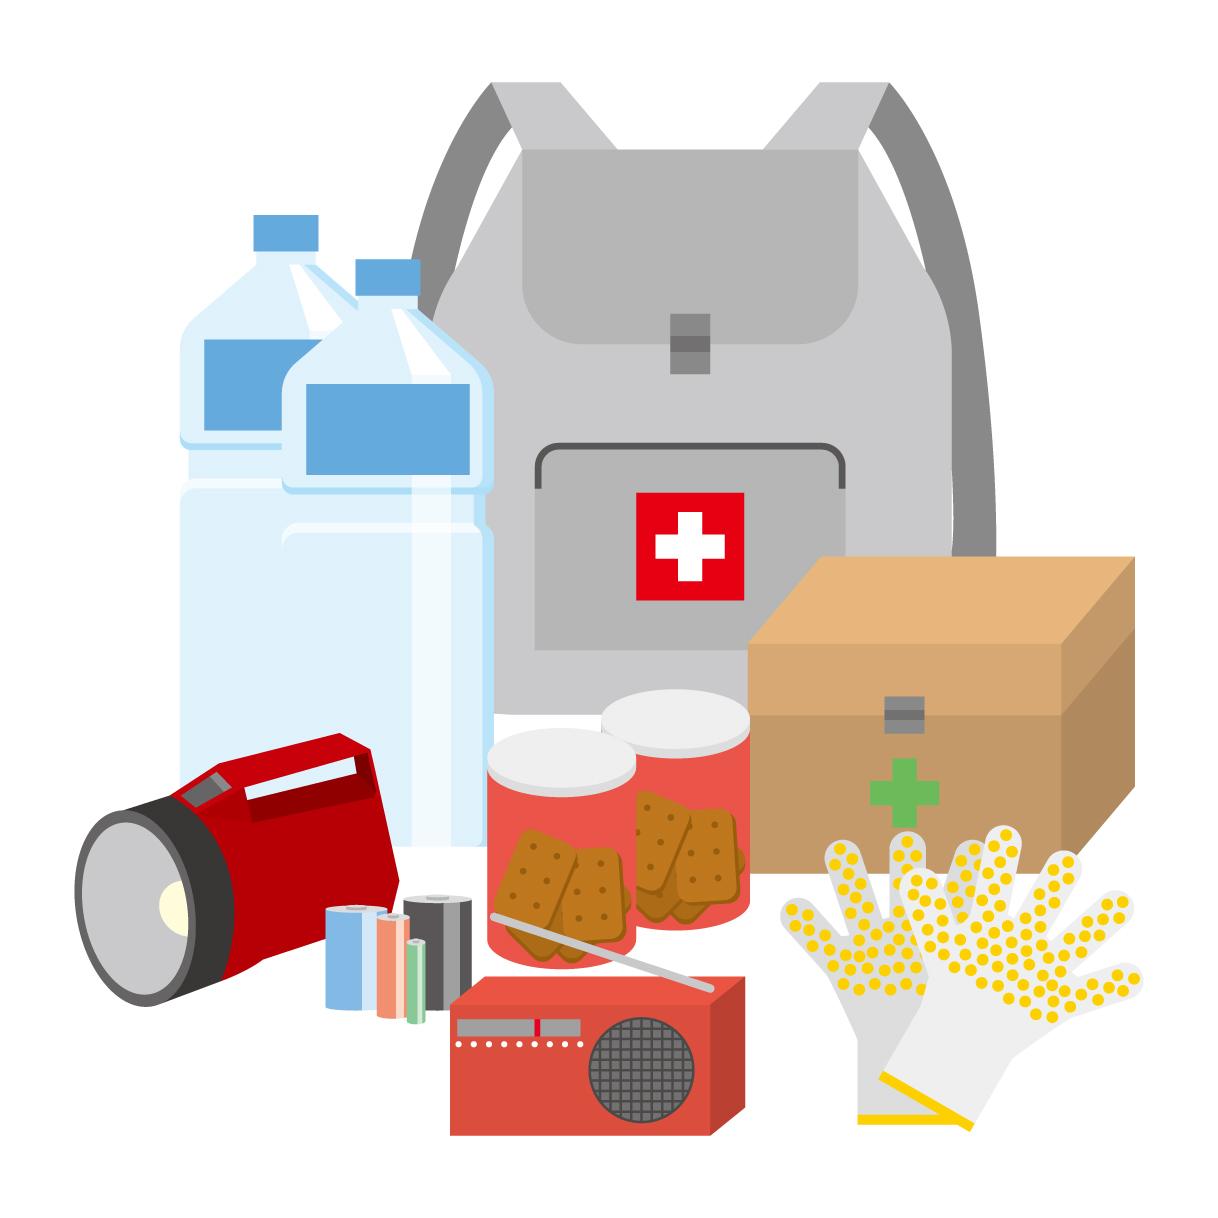 disaster-prevention-goods-100kin-2